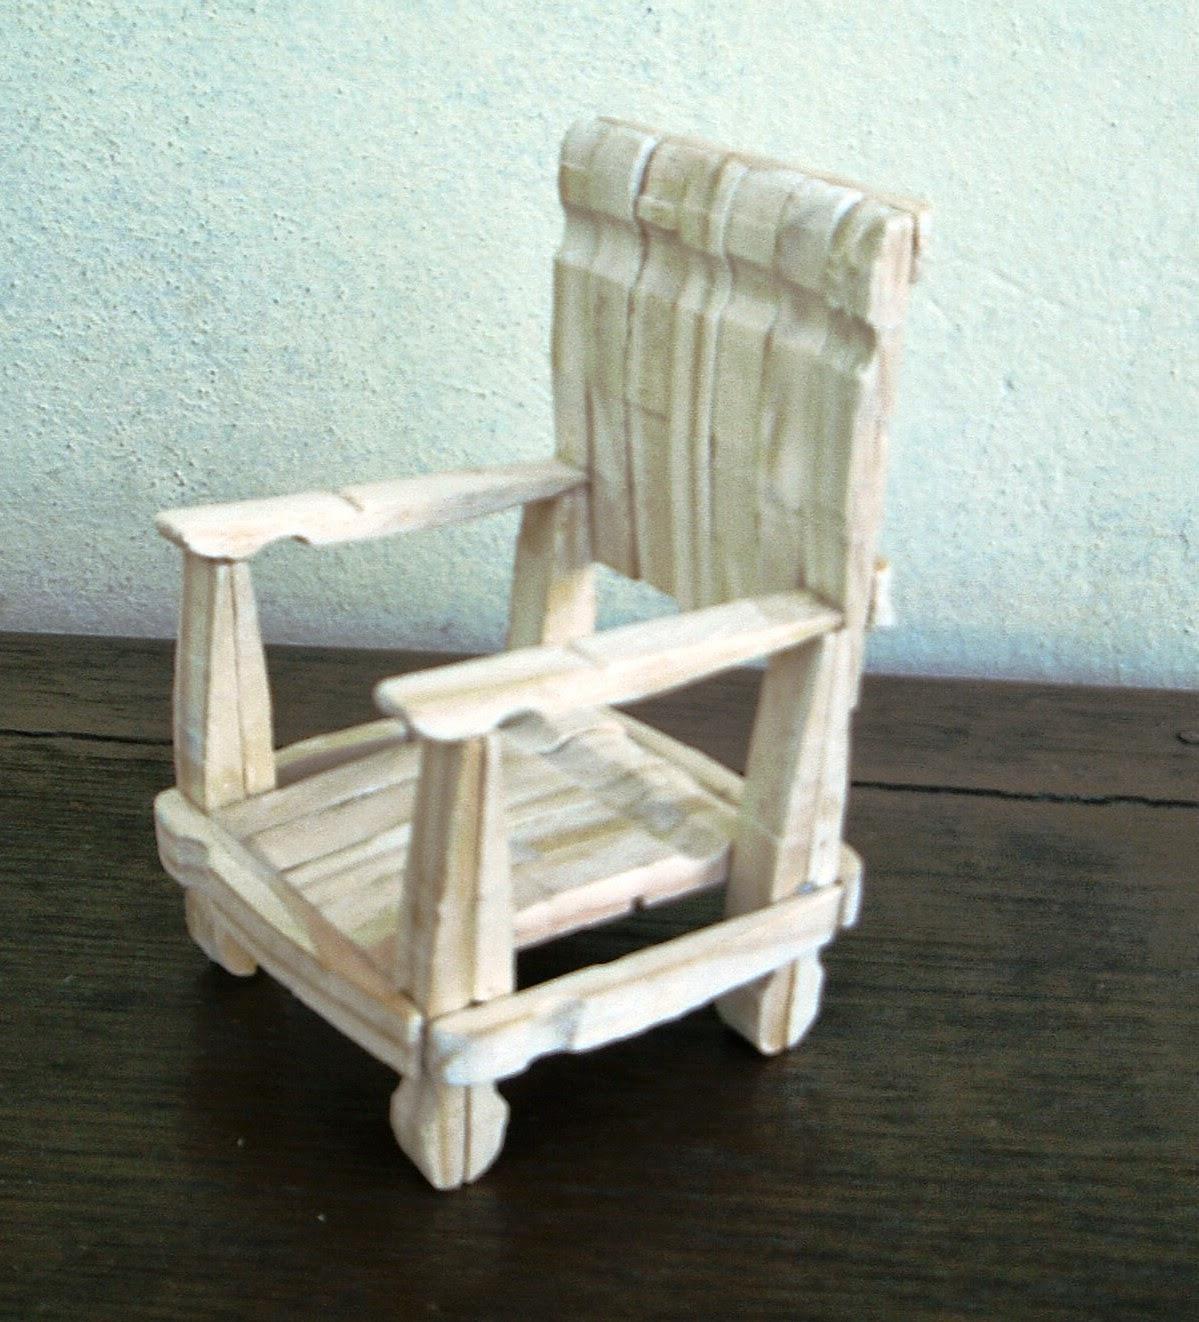 #7A6F51 http://www.zequetto.com/2012/06/cadeira de pregador de roupa.html 1199x1322 px cadeira de balanço com pregador @ bernauer.info Móveis Antigos Novos E Usados Online